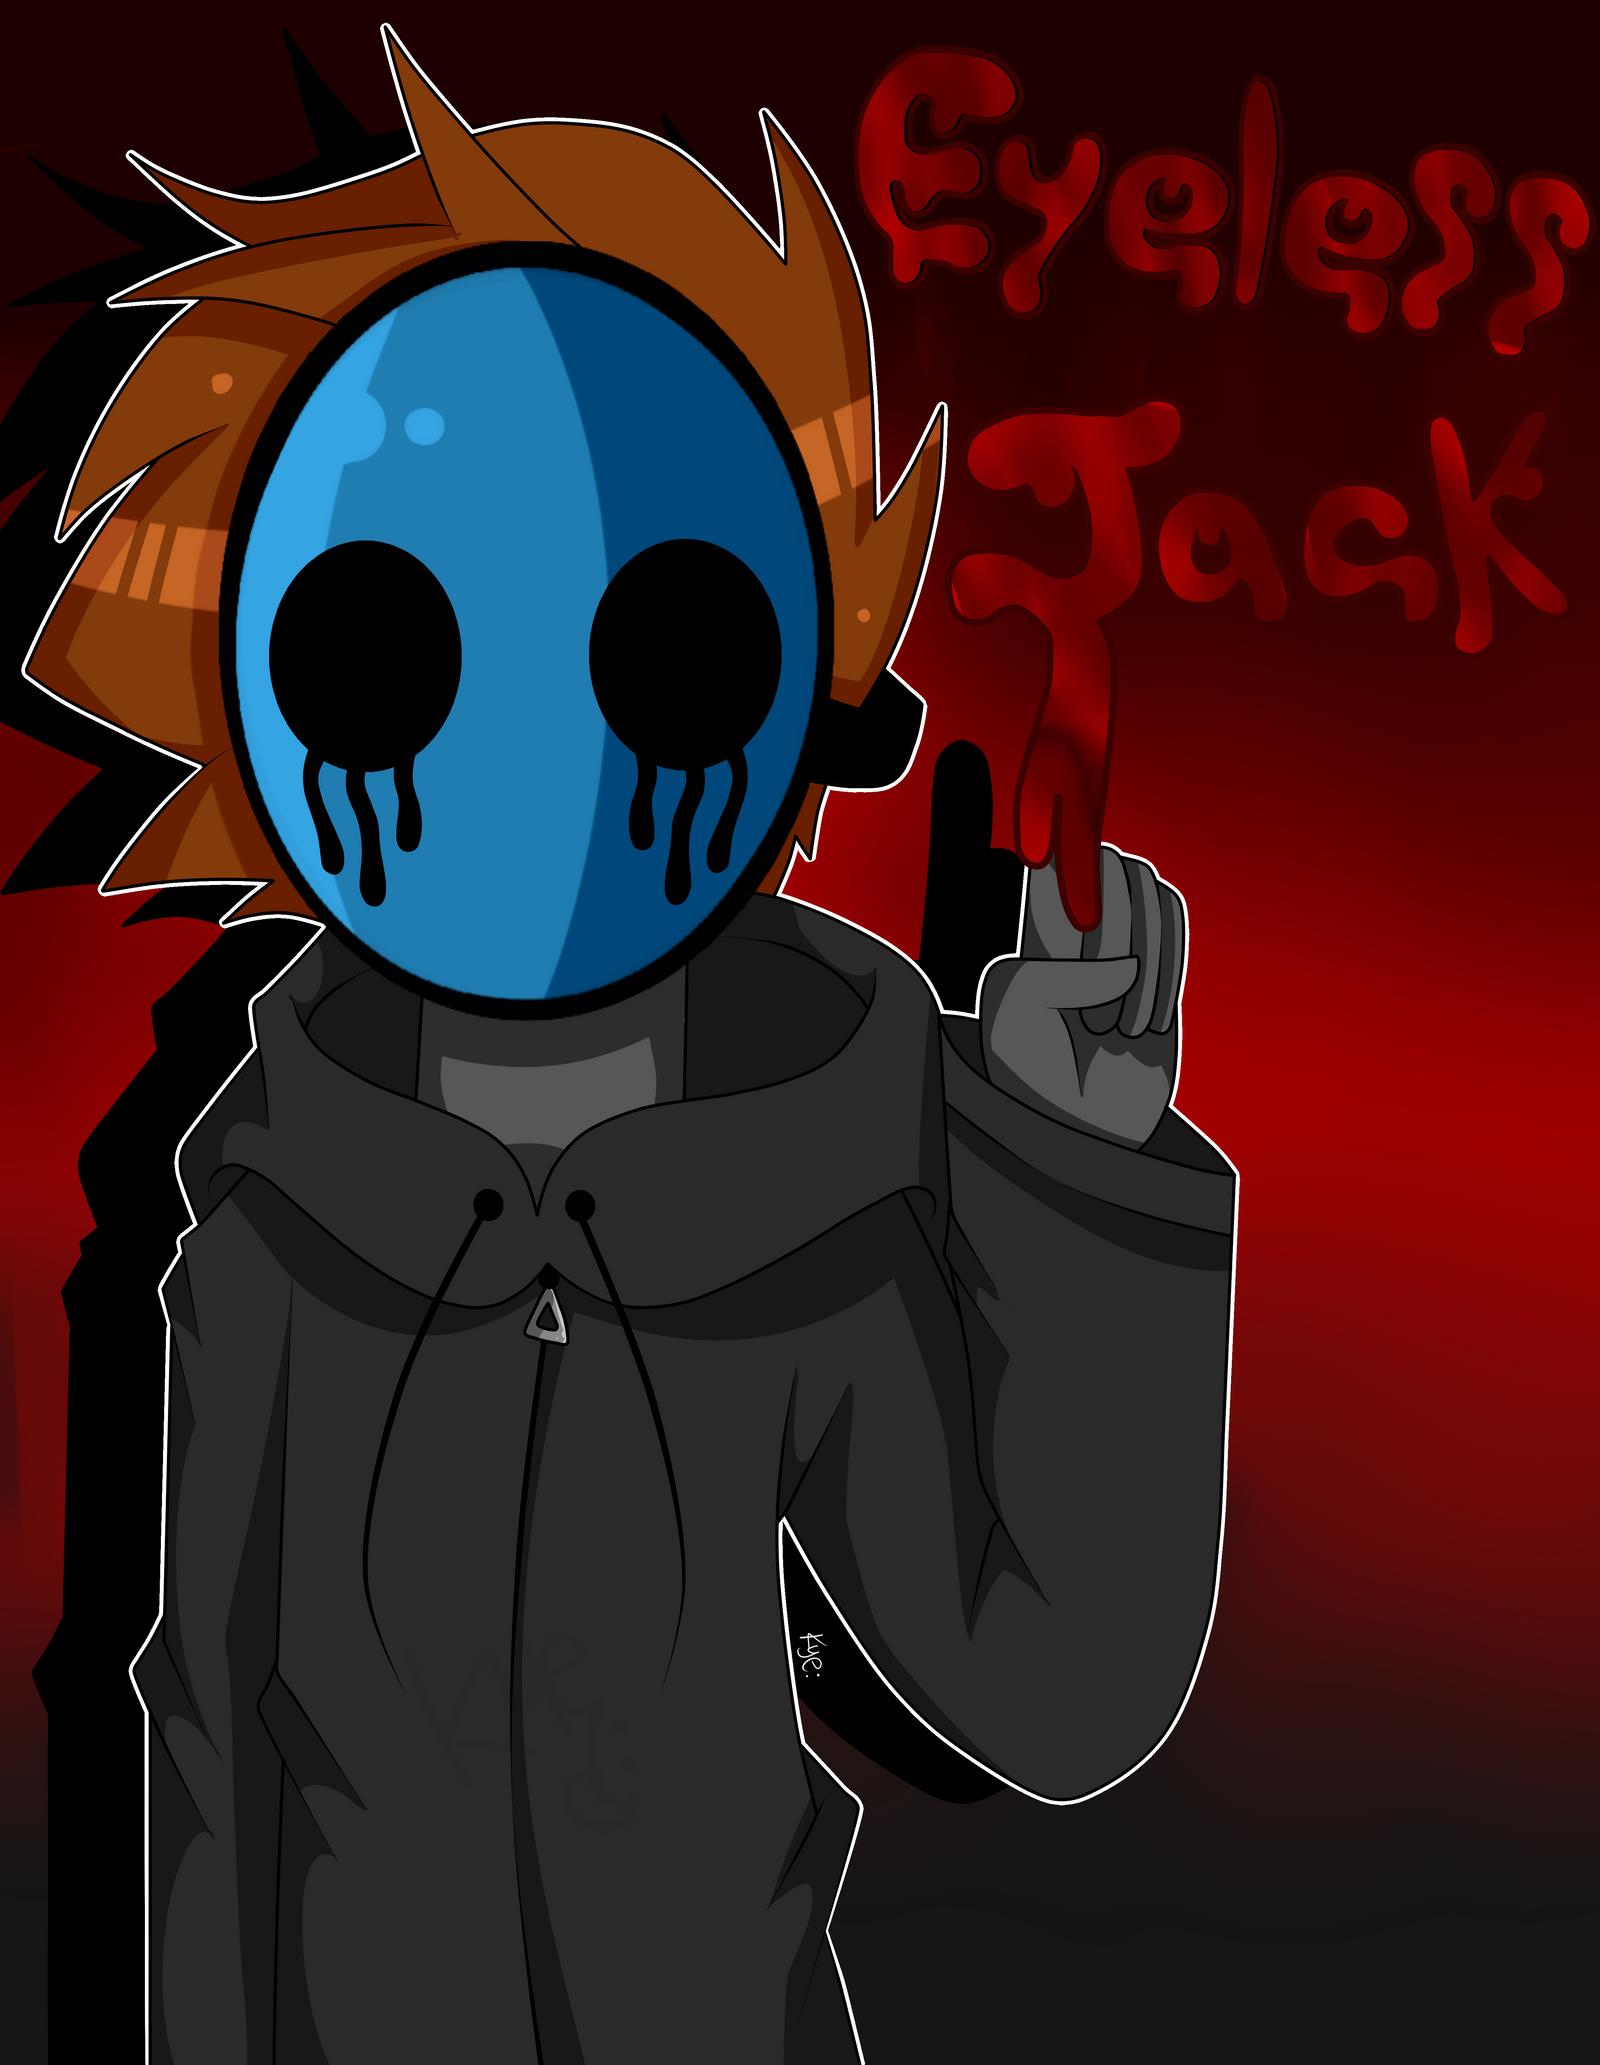 Creepypasta: Eyeless Jack! :D by DrBisou on DeviantArt